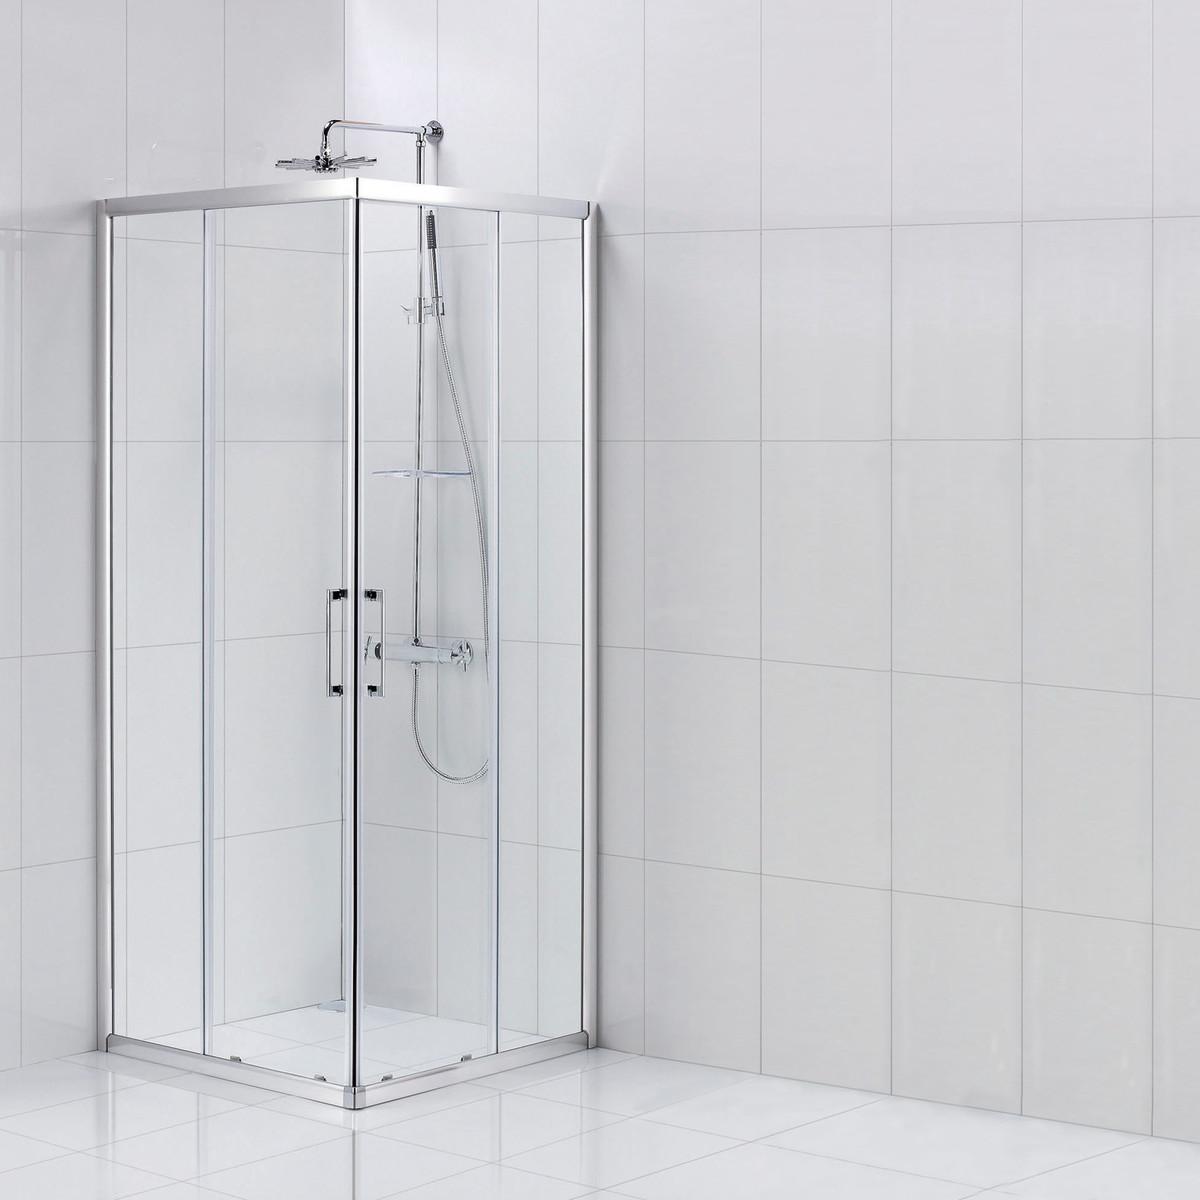 Prezzi piatto doccia rettangolare 900 prezzi e negozi for Sensea doccia opinioni